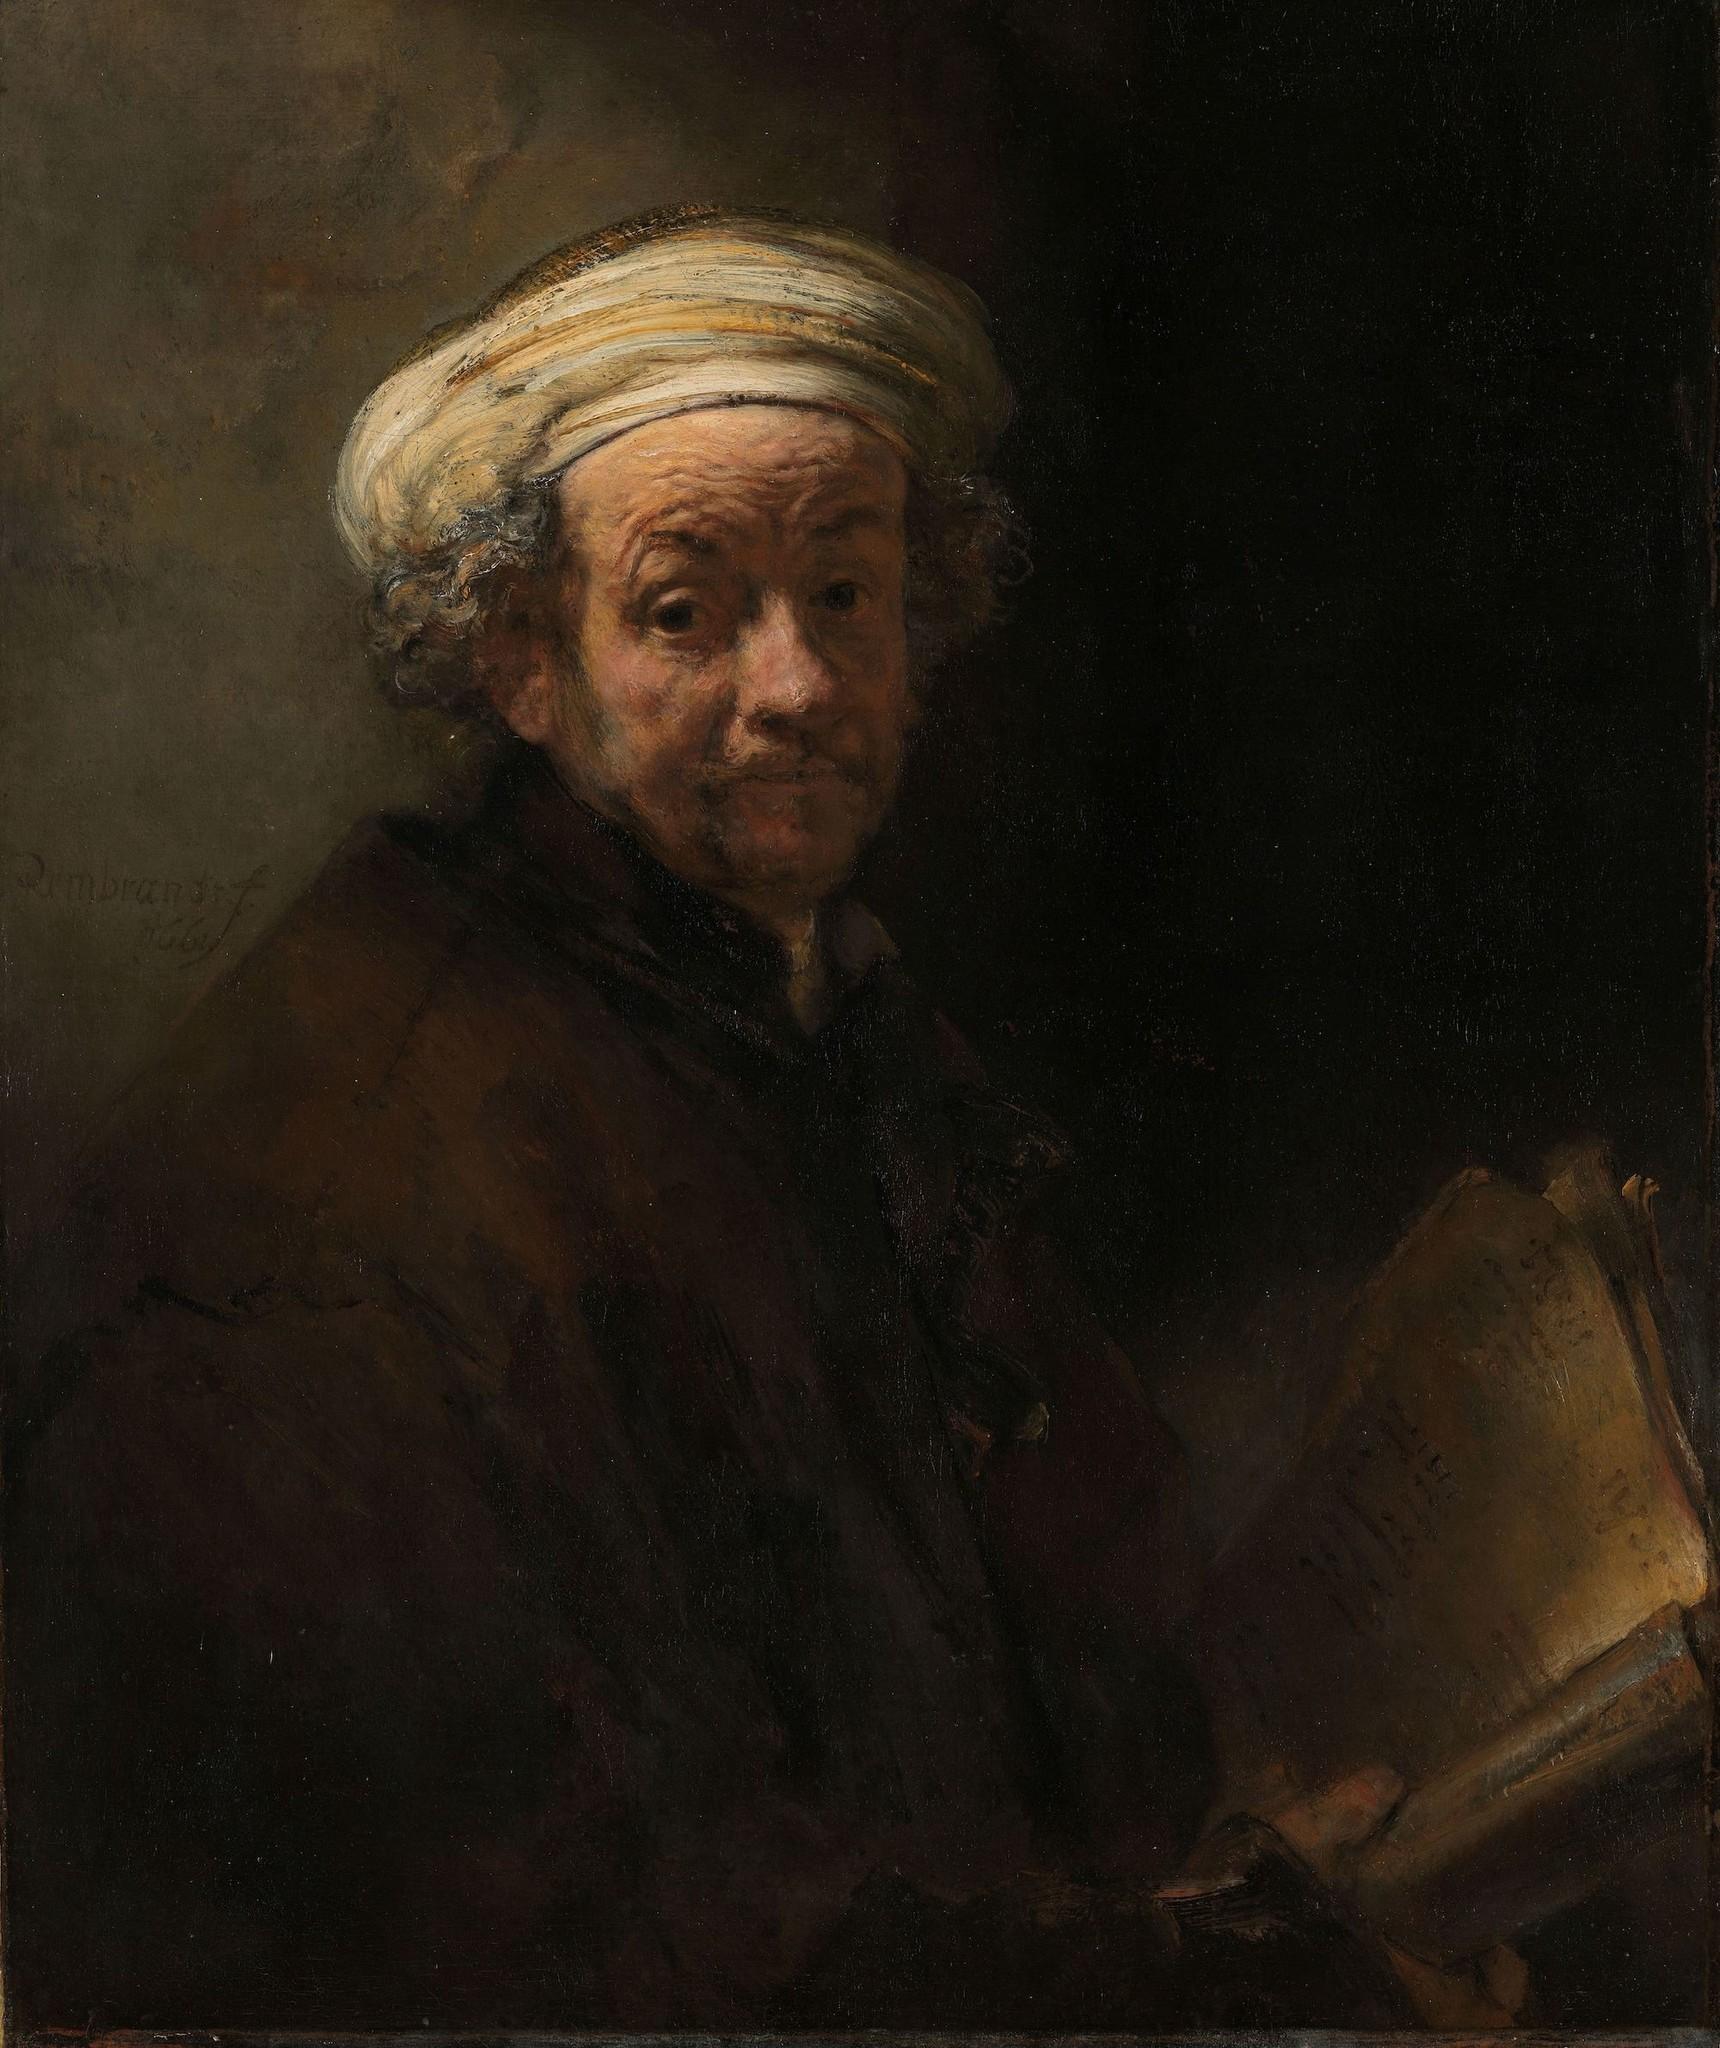 Schilderij - Rembrandt van Rijn, Zelfportret als de apostel Paulus, 1661, 80x100cm